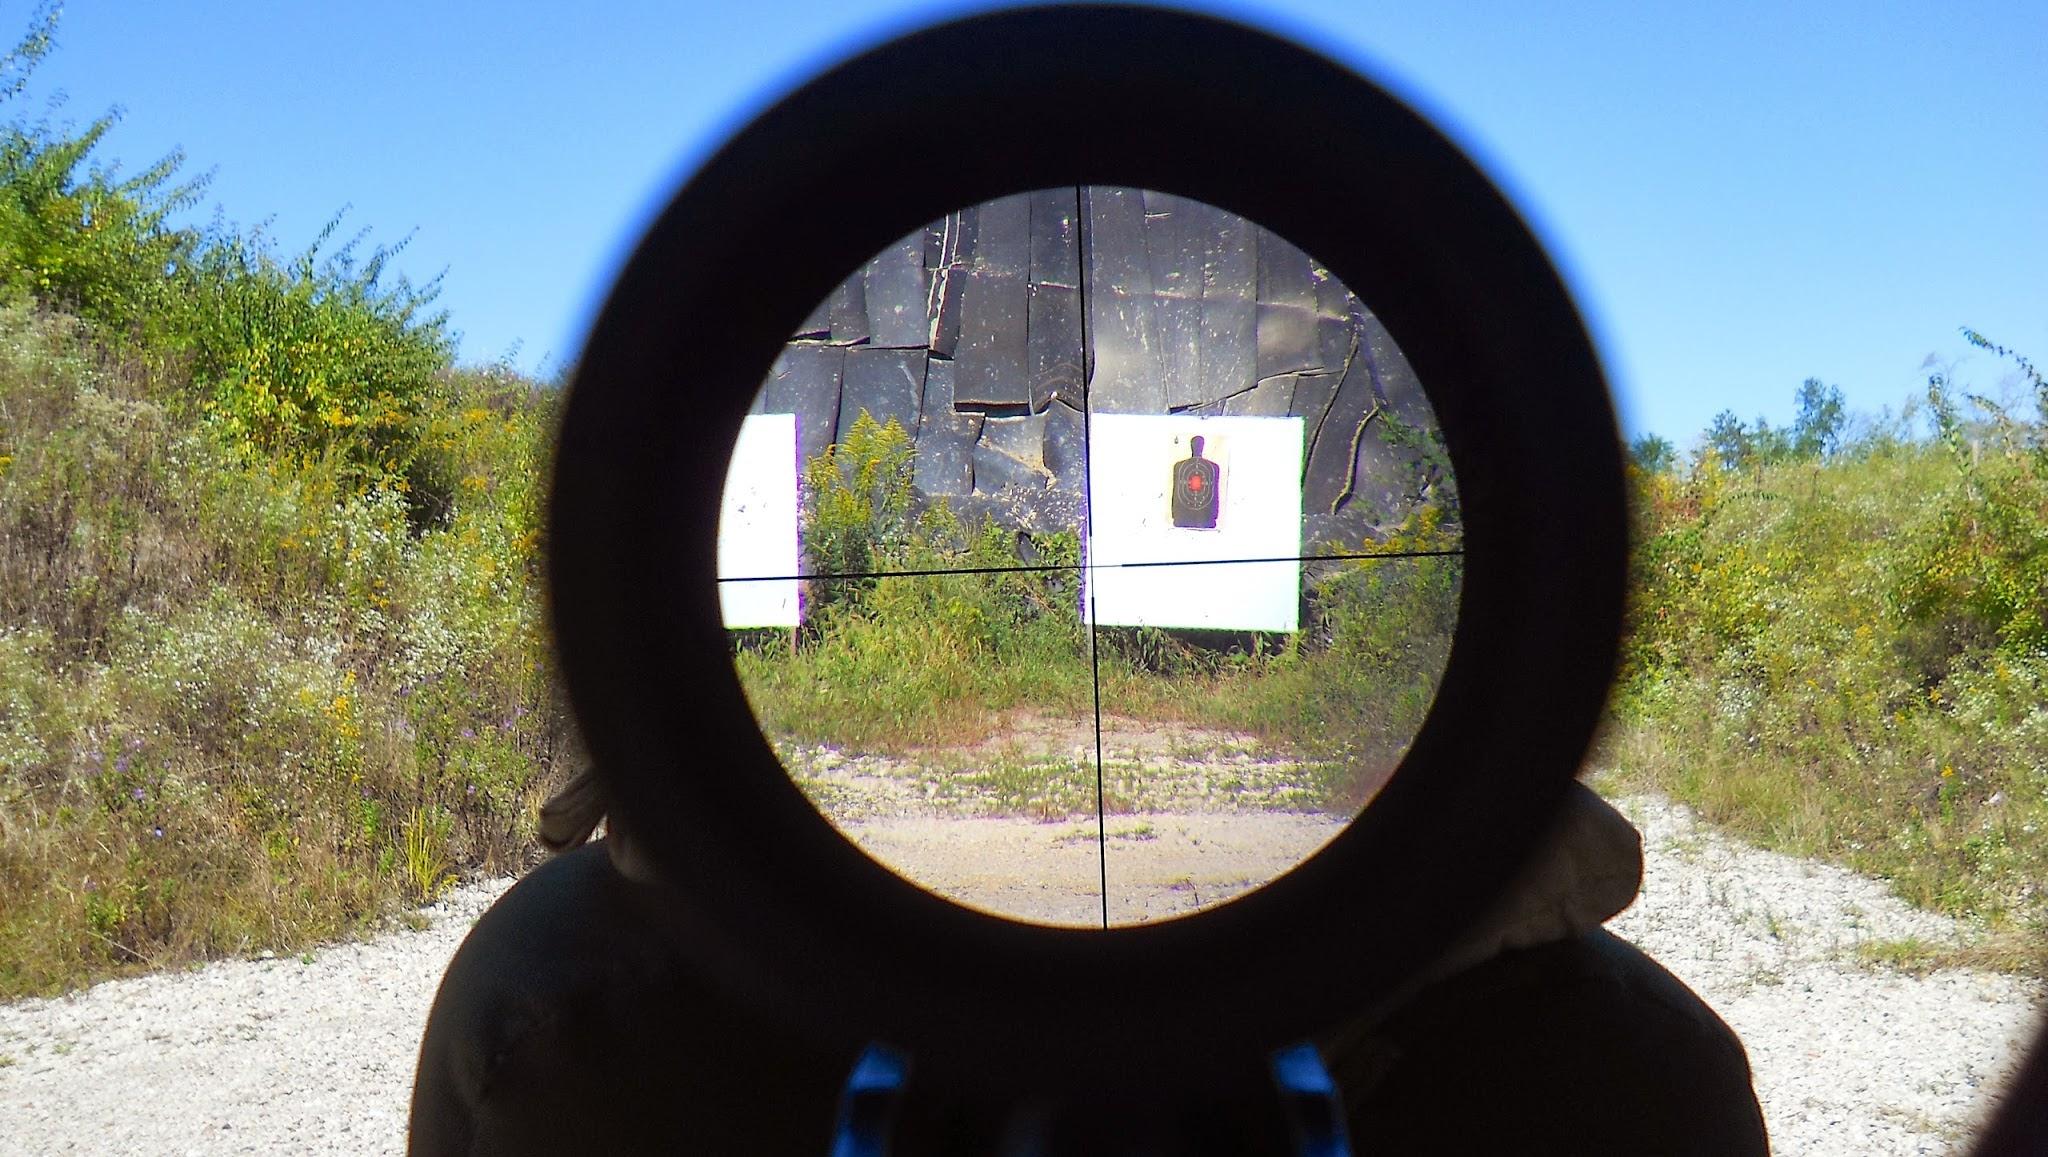 mr.revolverguy 77